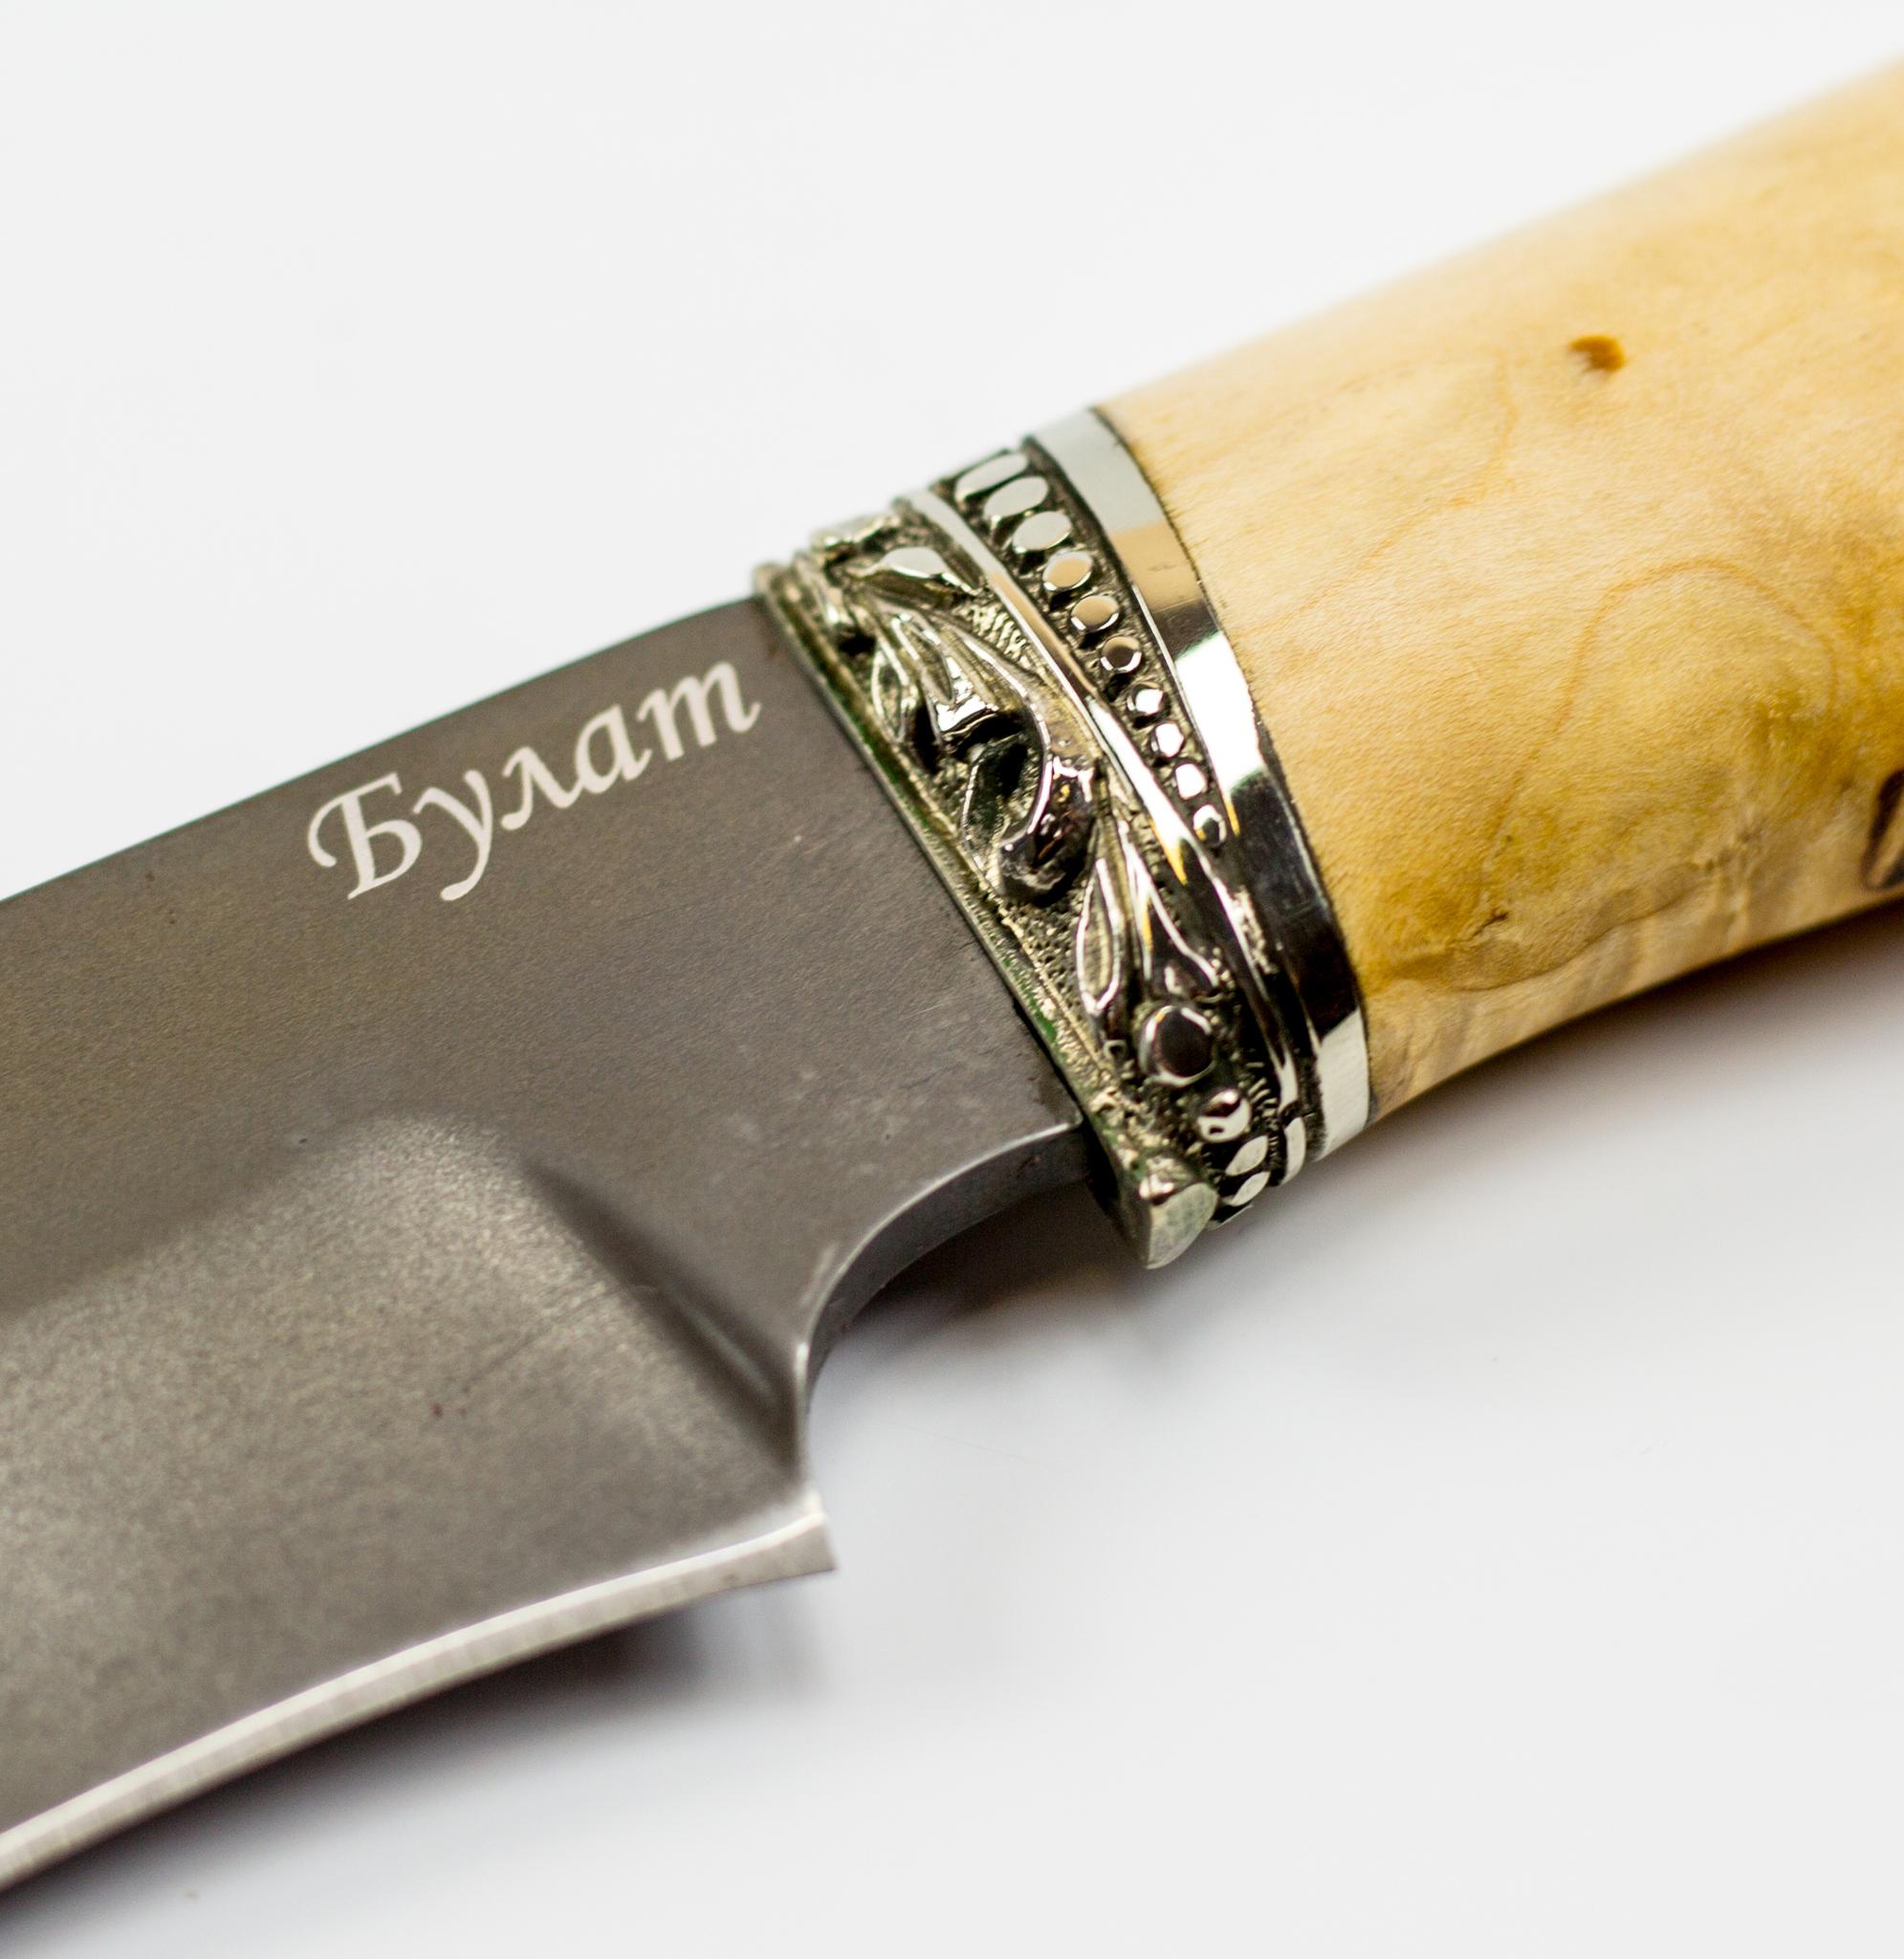 Фото 10 - Нож Универсальный, сталь булат, карельская береза от Промтехснаб